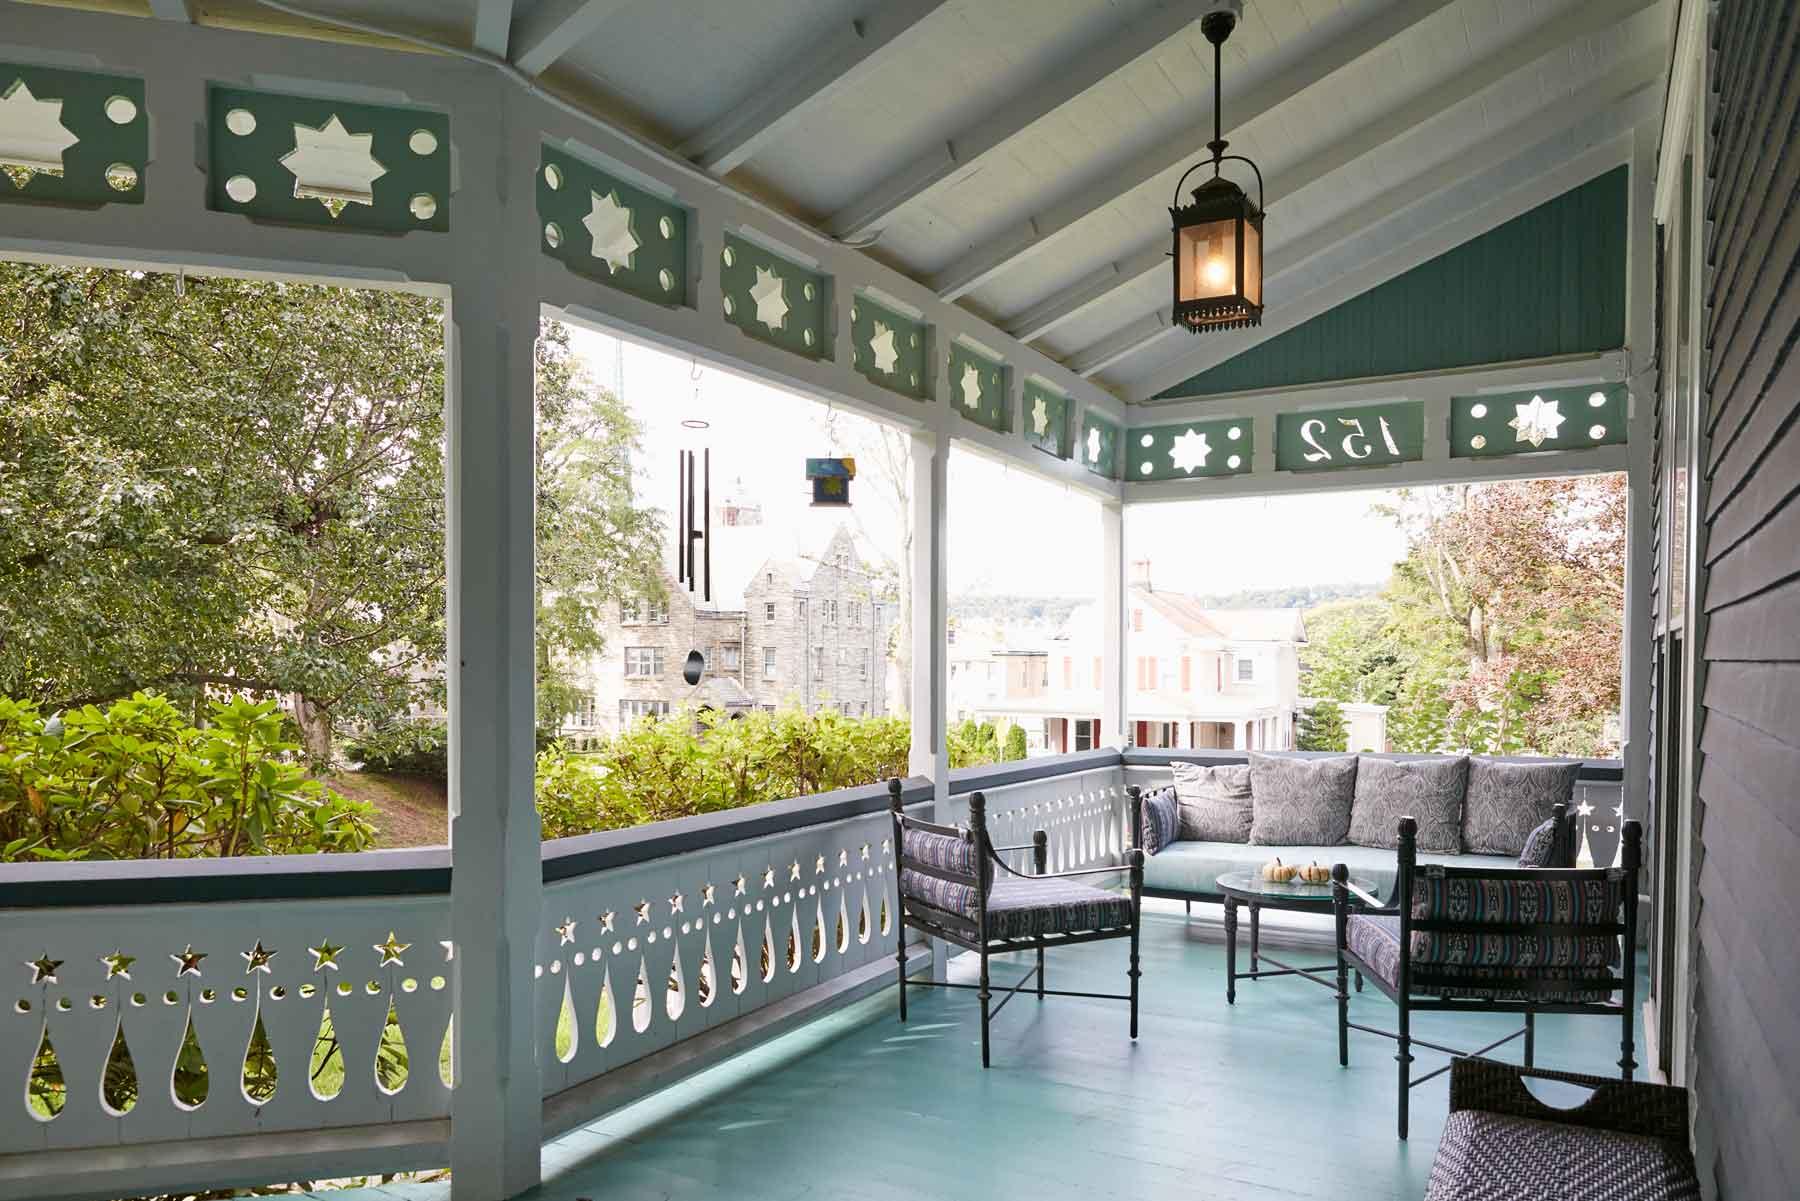 Jess Davis, owner of Nest Studio, veranda front porch in her South Orange NJ Victorian